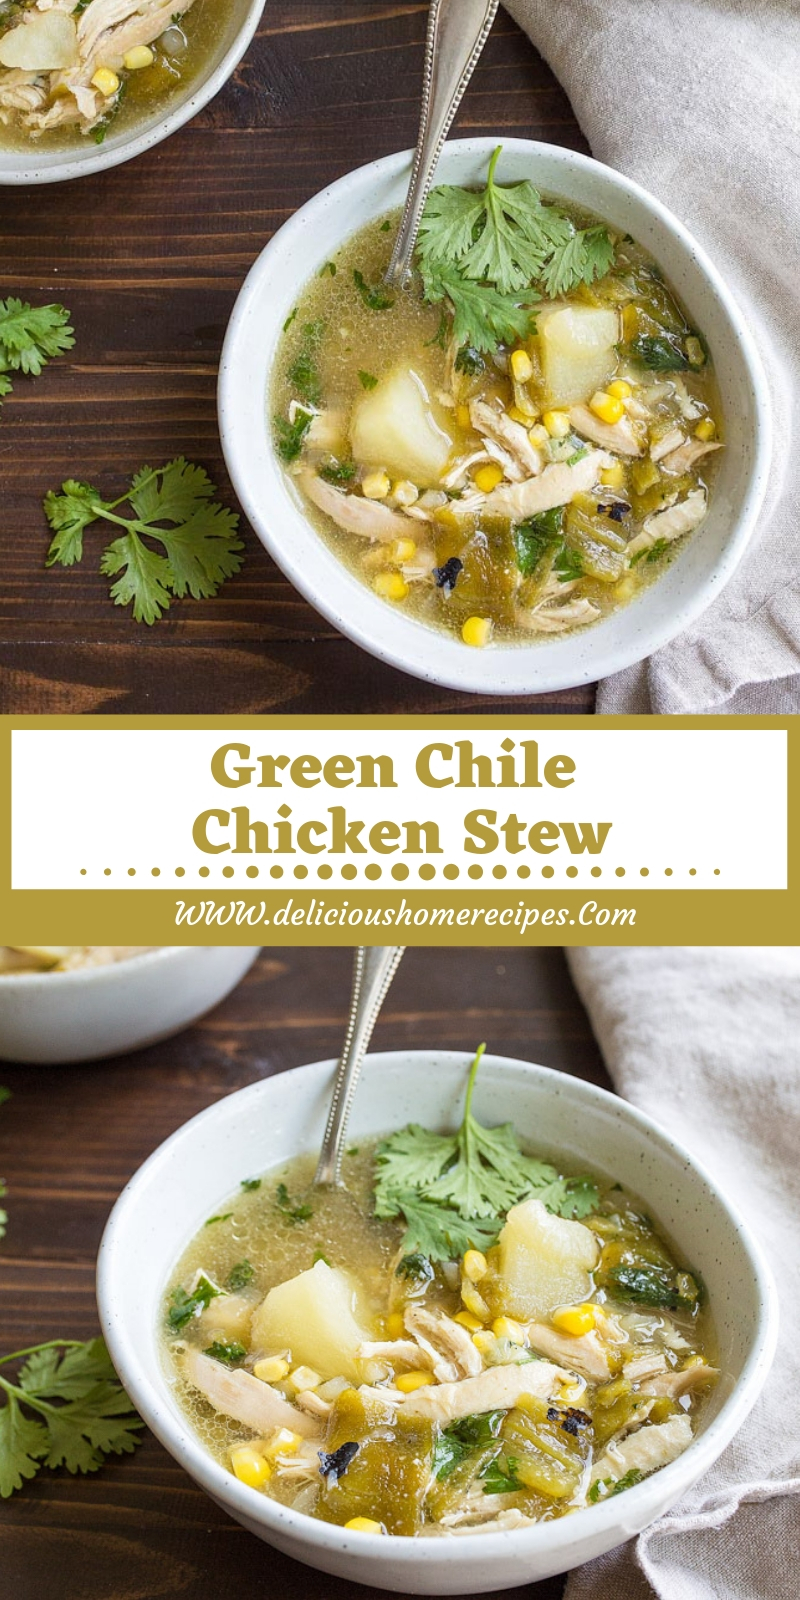 Green Chile Chicken Stew